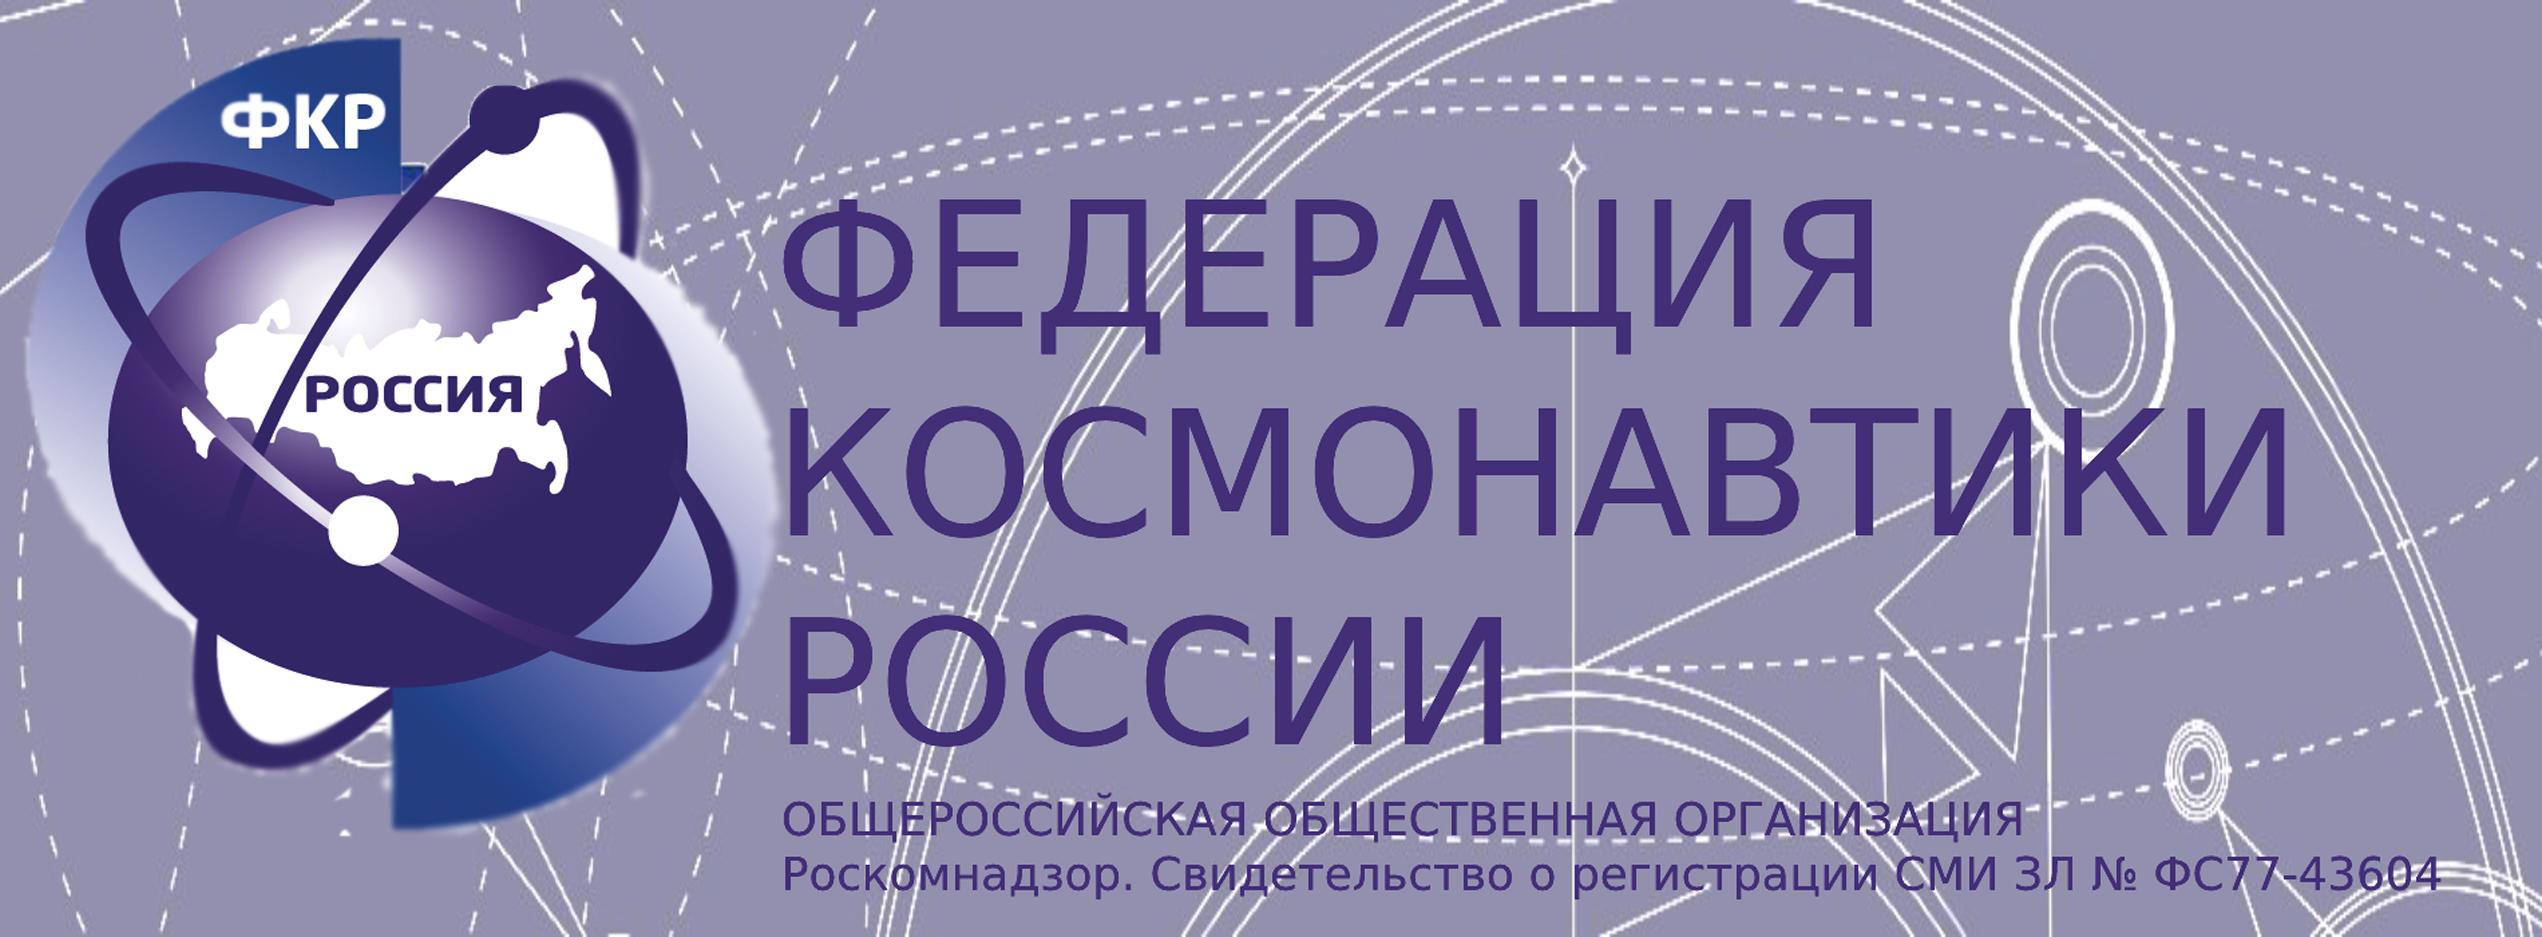 Федерация космонавтики России